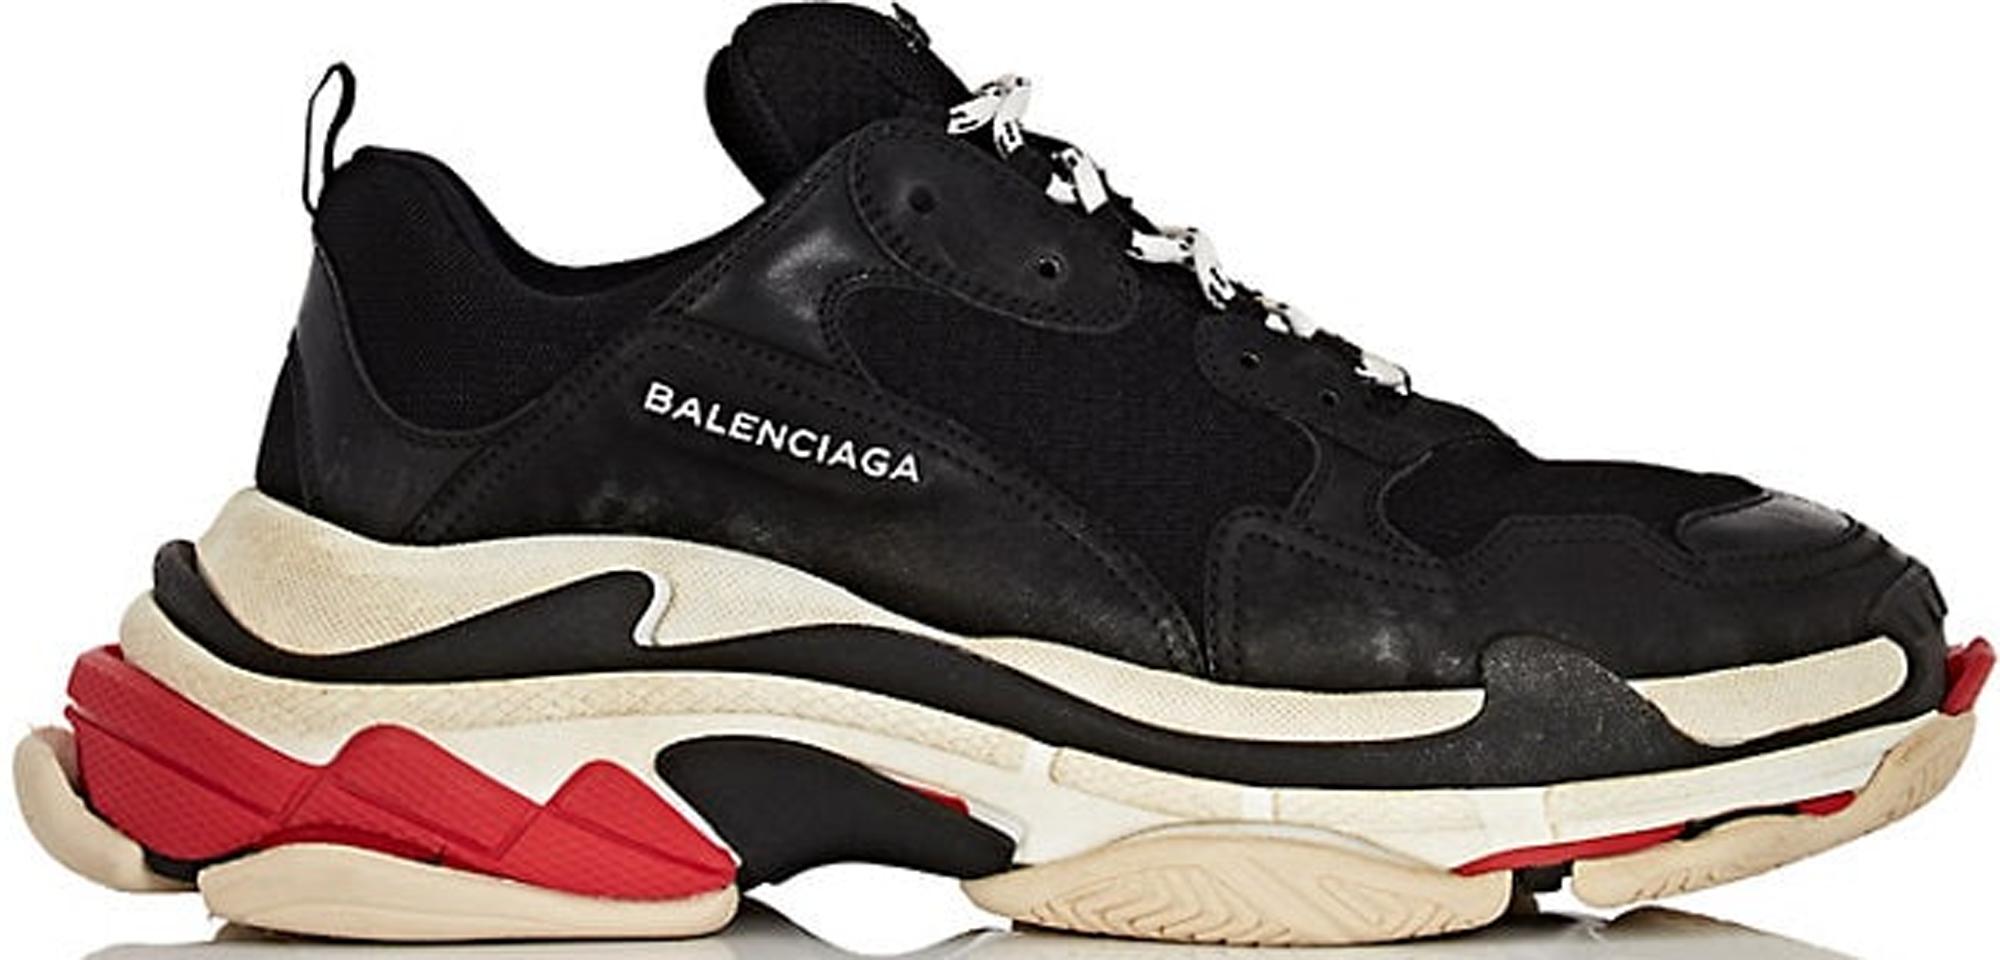 Balenciaga Balenciaga Triple S Sneaker in Grey blue red sz